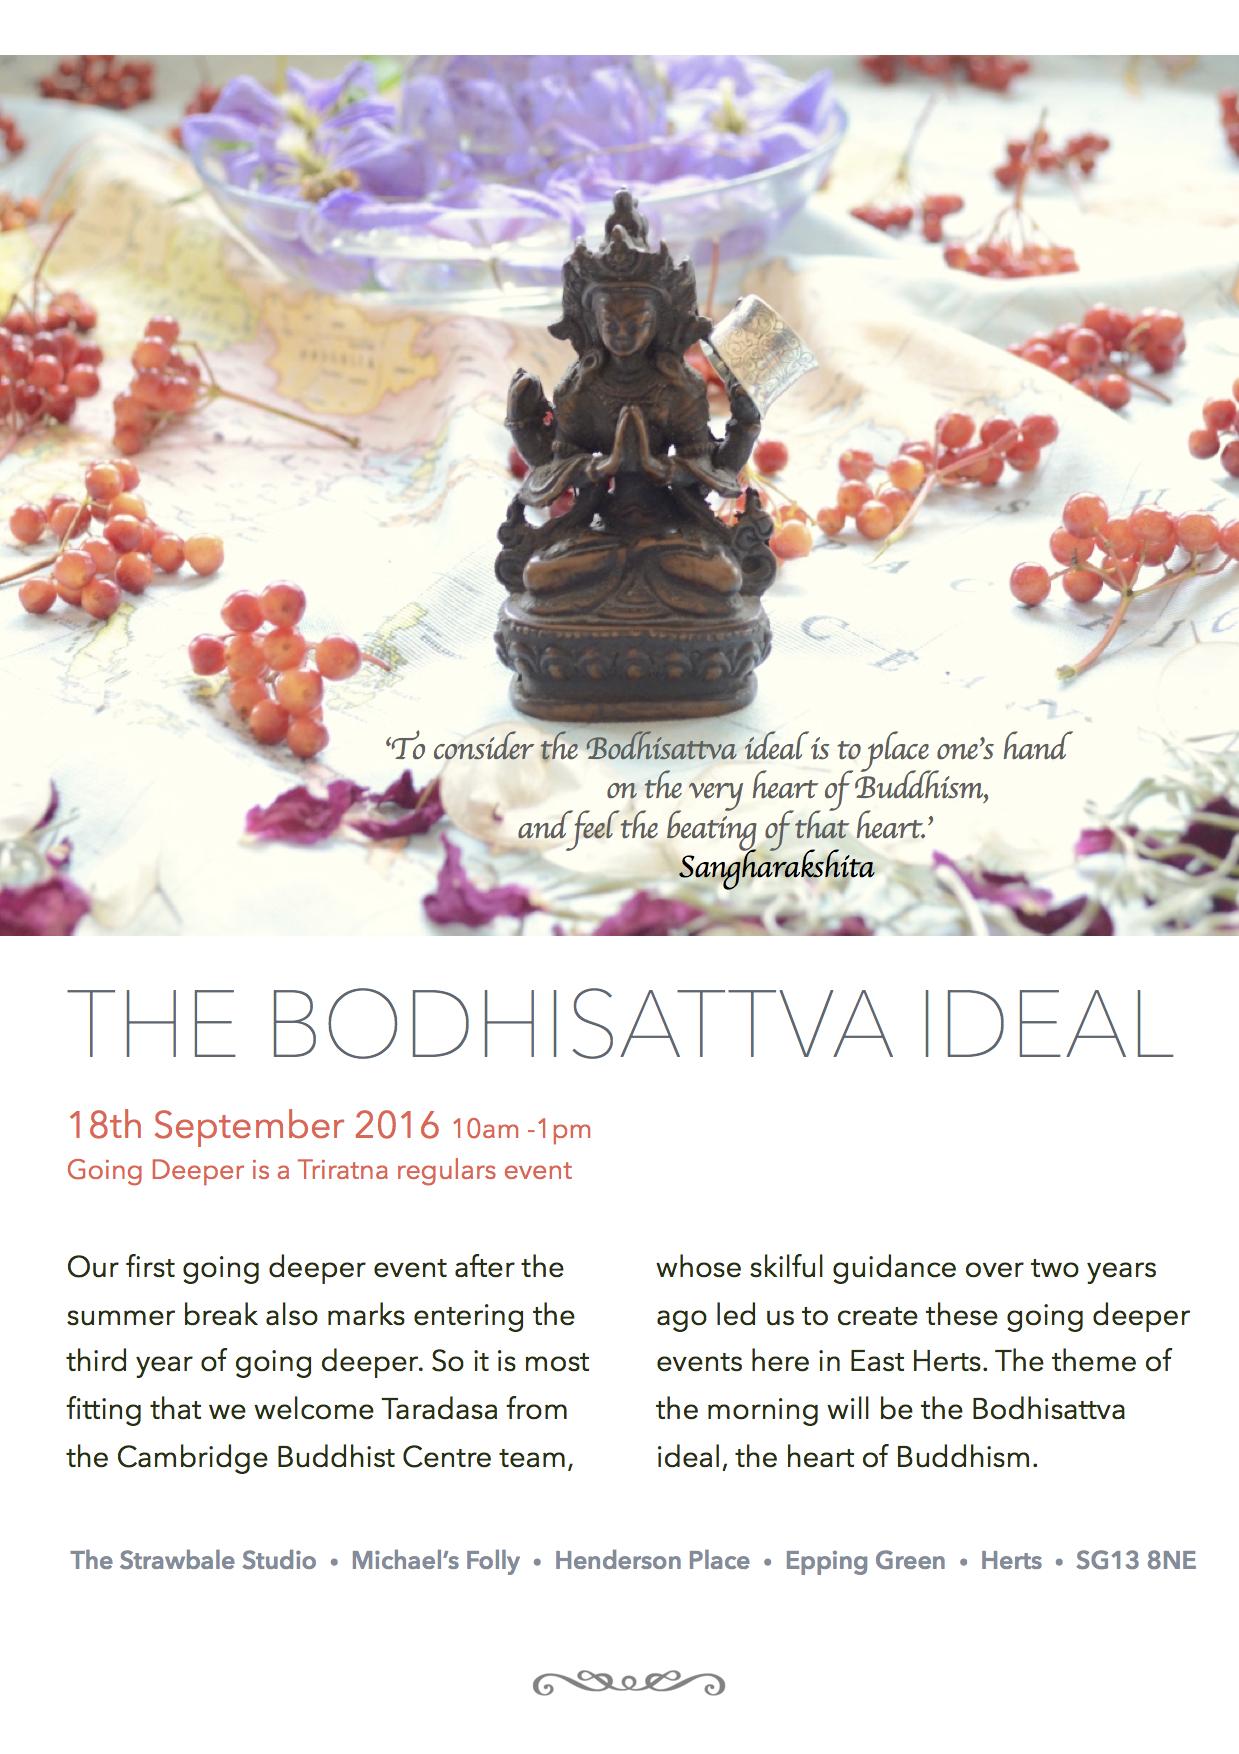 Bodhisattva Ideal - Taradasa